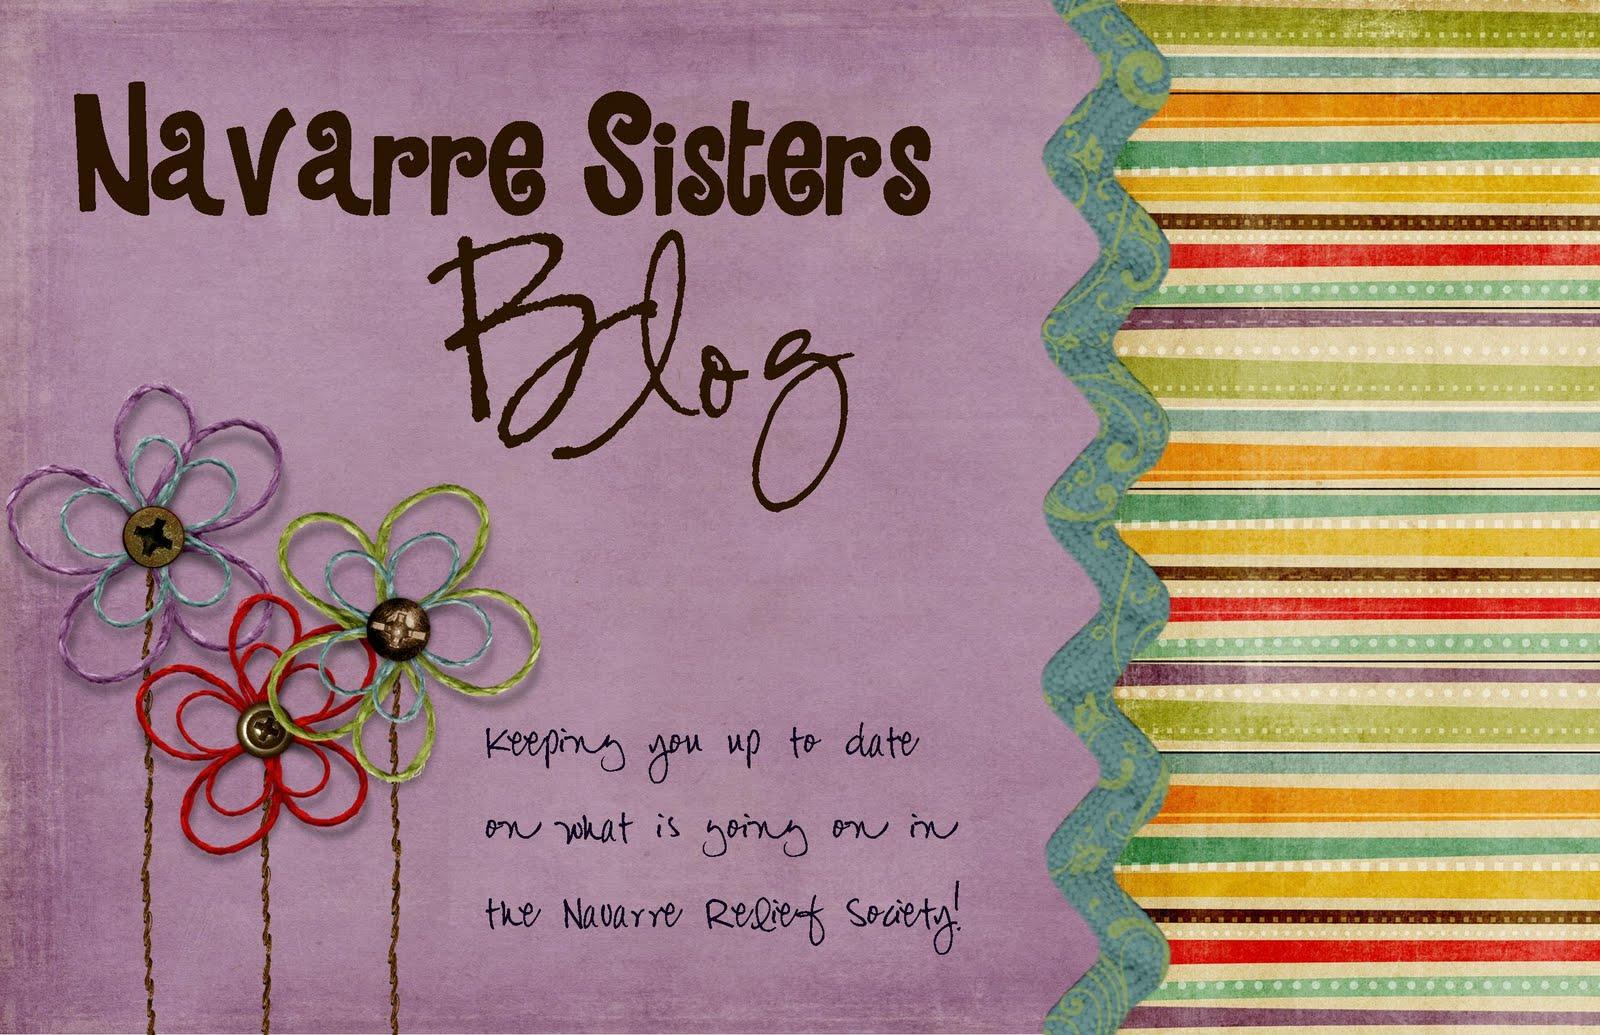 Navarre Sisters